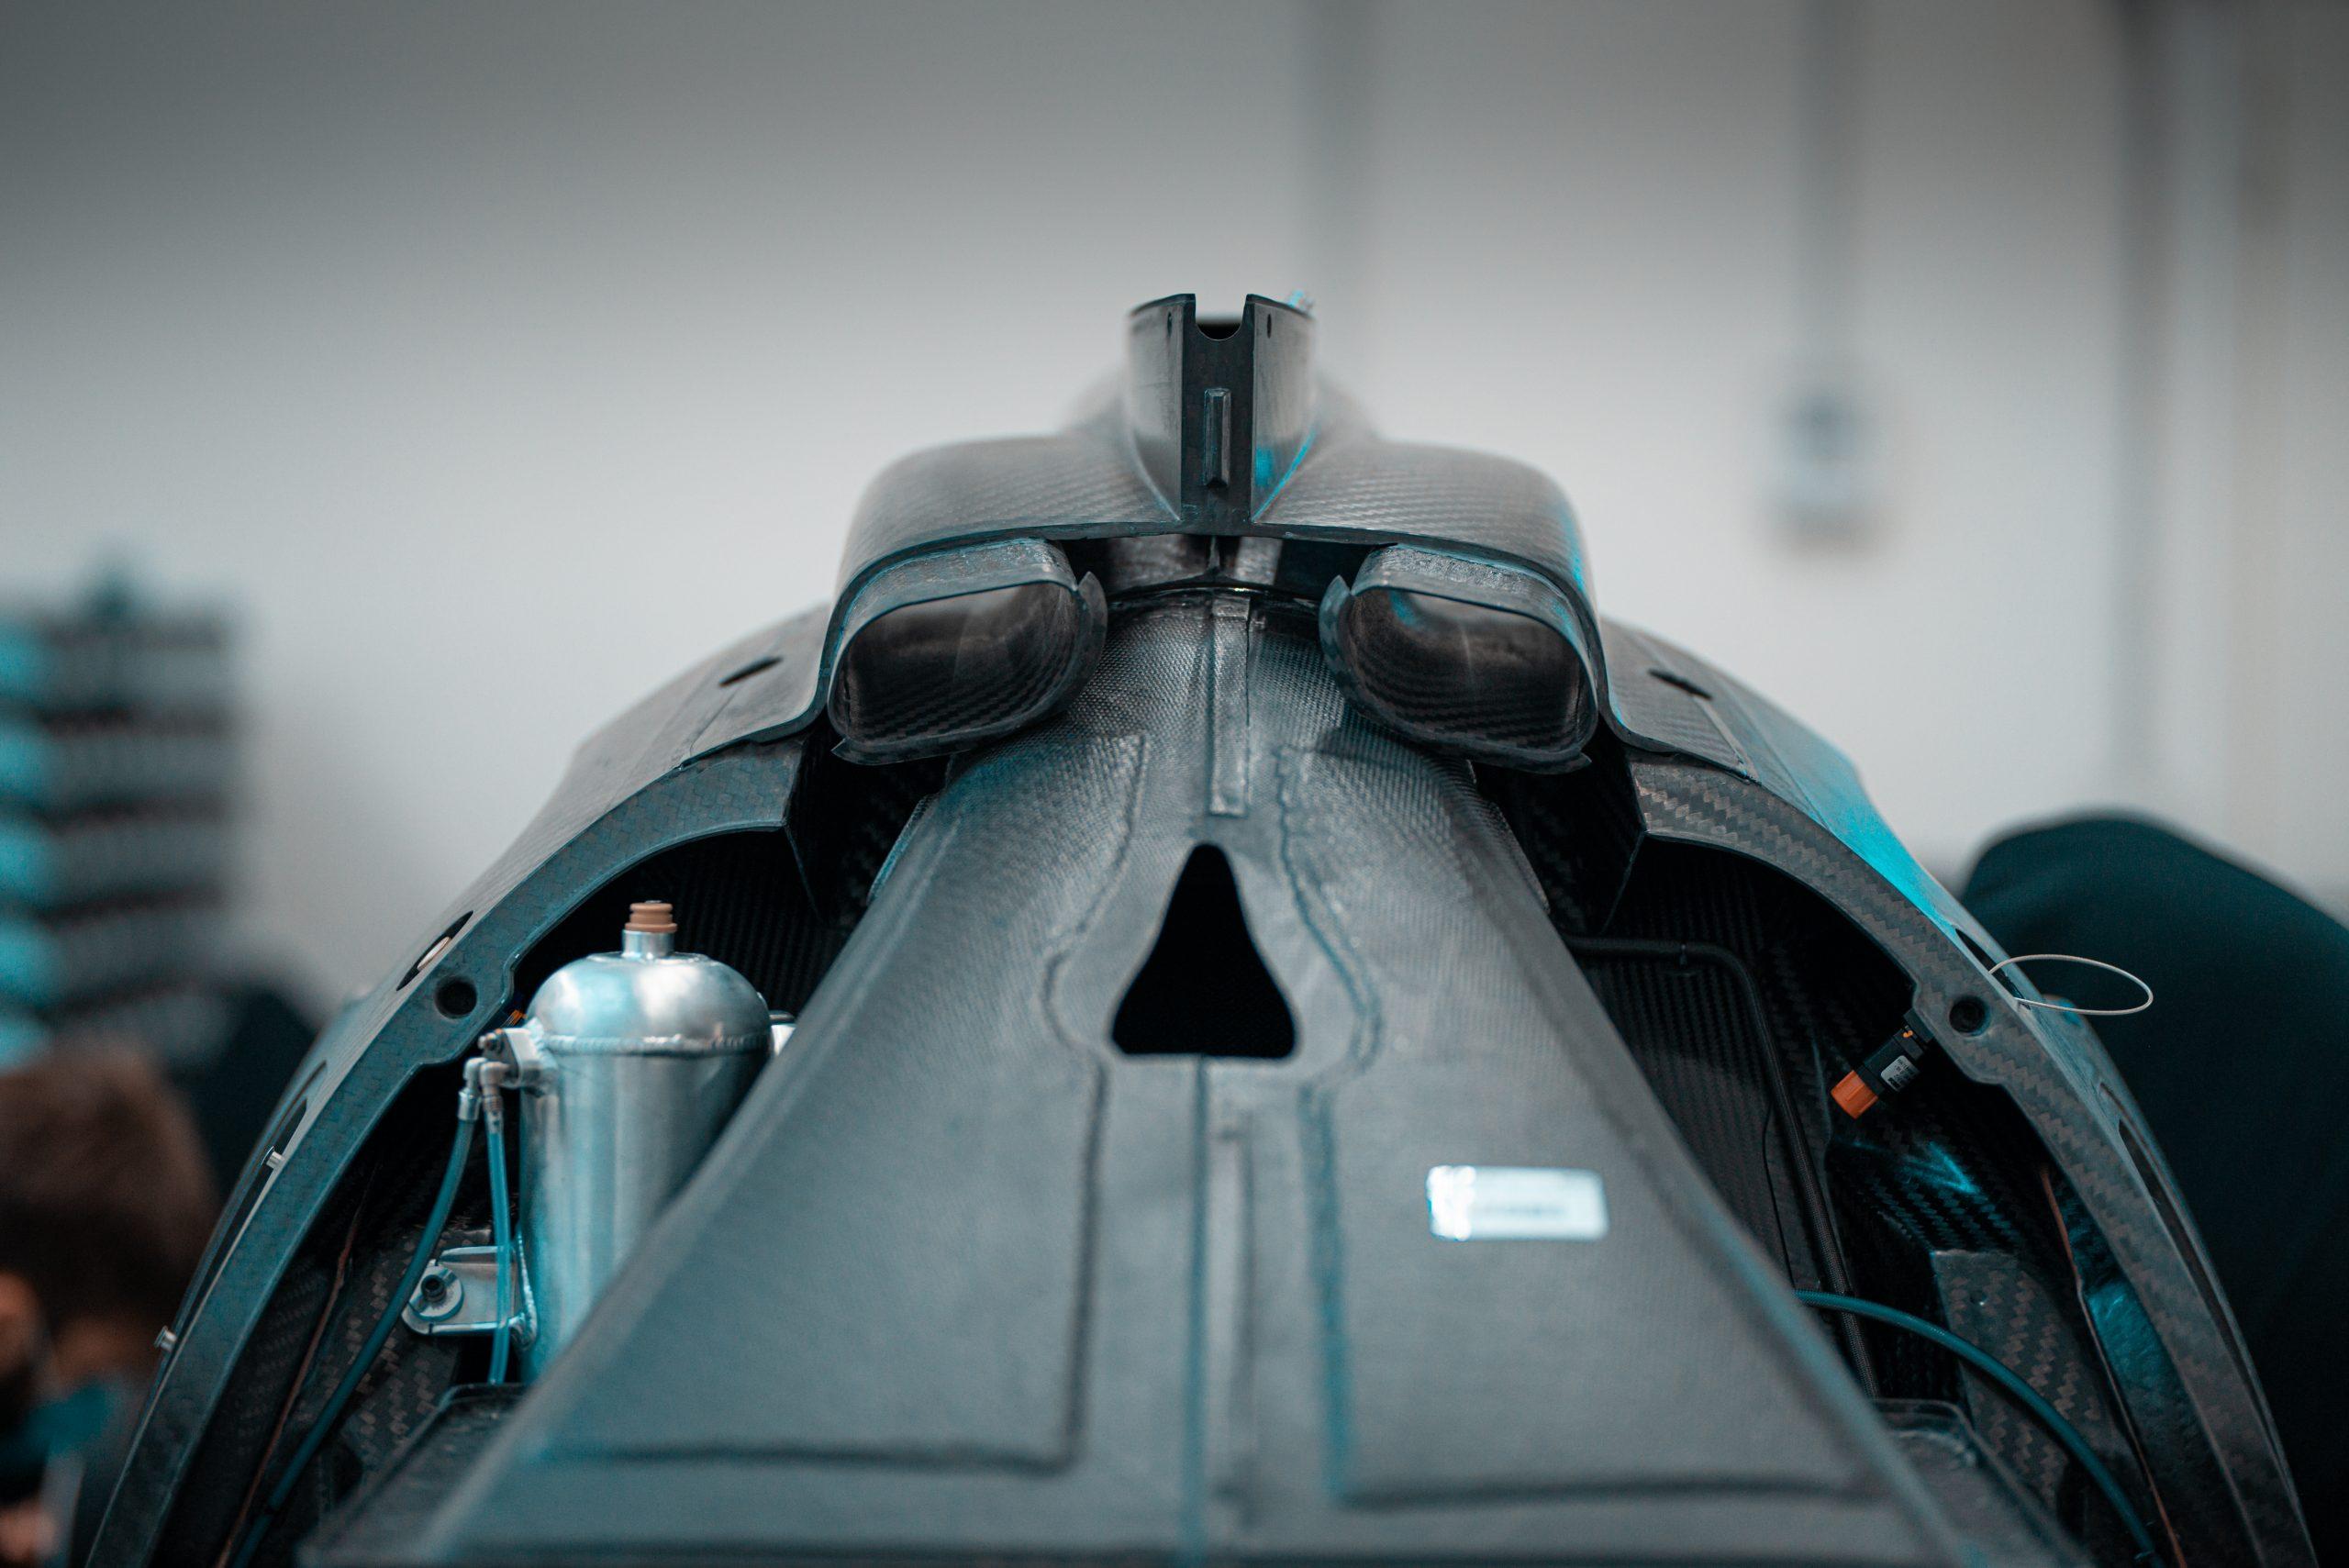 Glickenhaus 007 Hypercar LMH monocoque carbon fiber aero